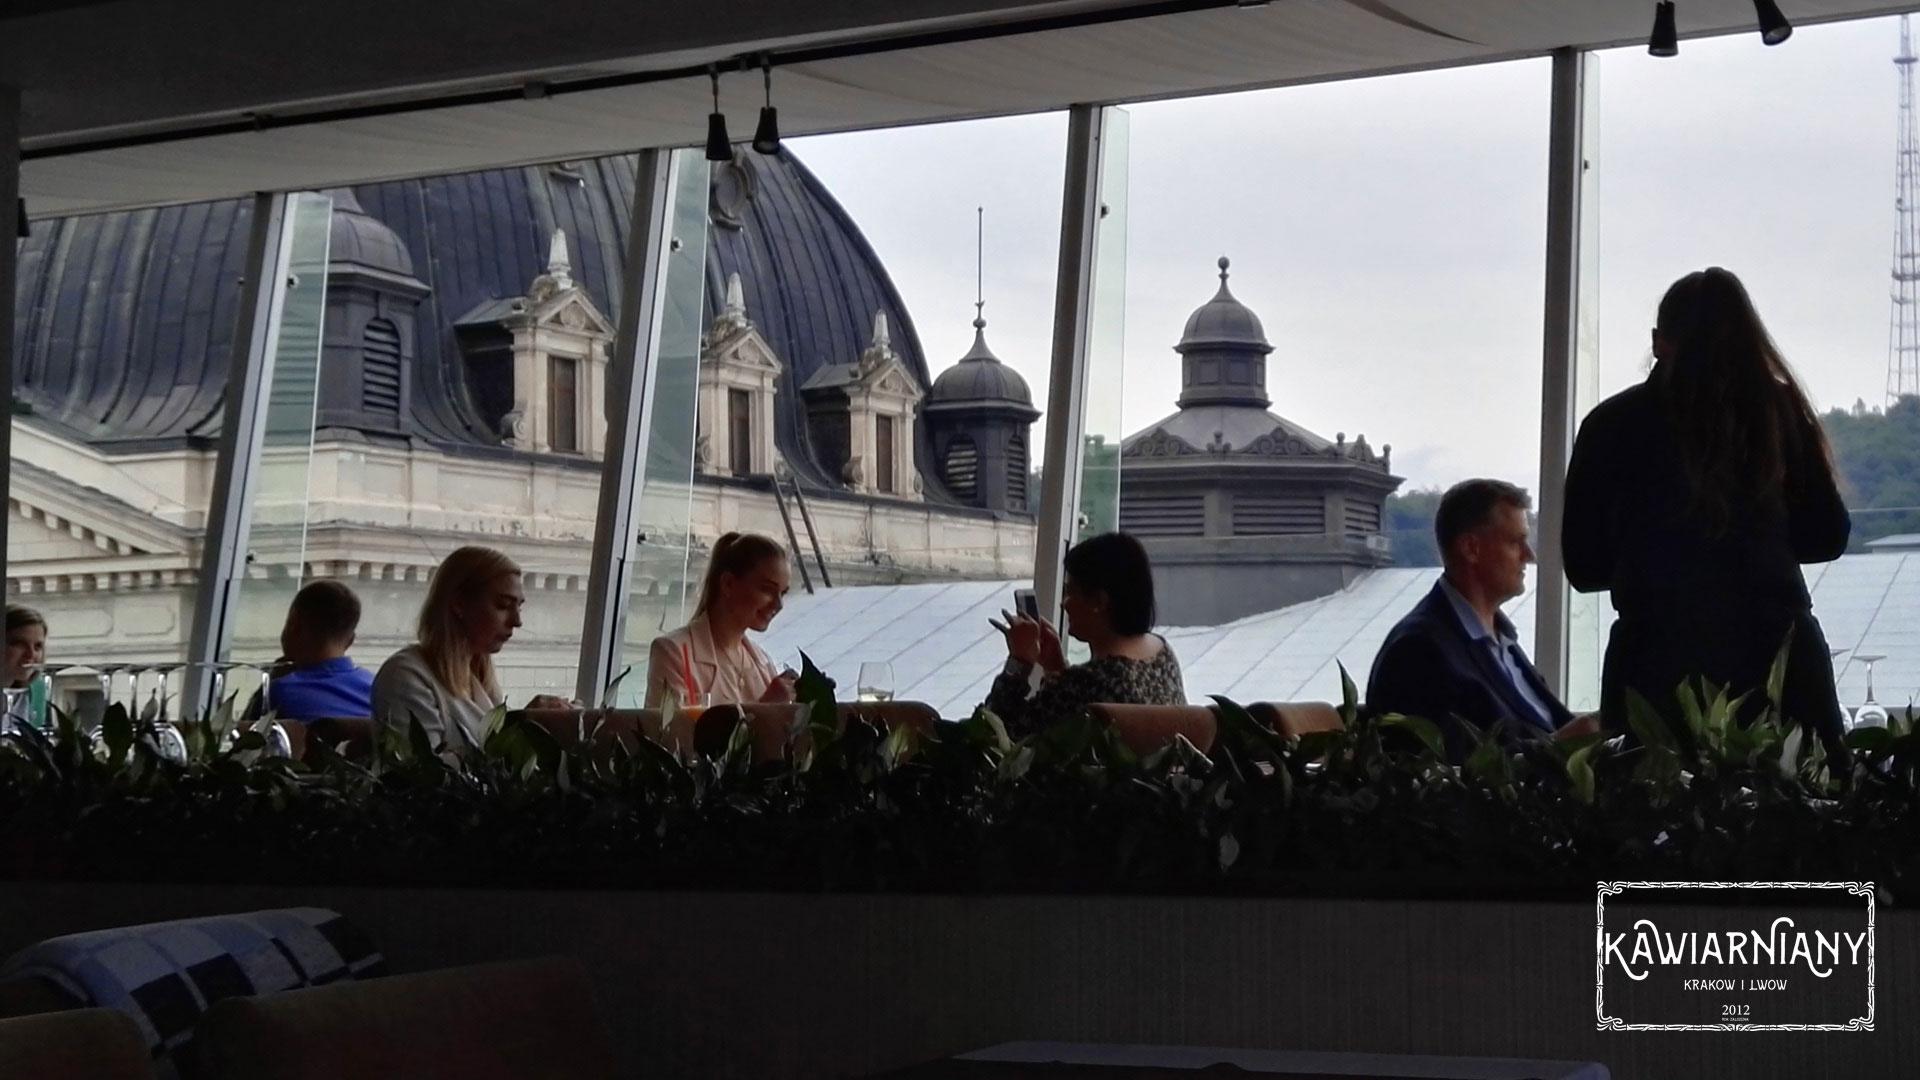 Co i gdzie jeść we Lwowie? Restauracja hotelu Panorama, Prospekt Swobody 45, Lwów. Obiad z widokiem na Operę